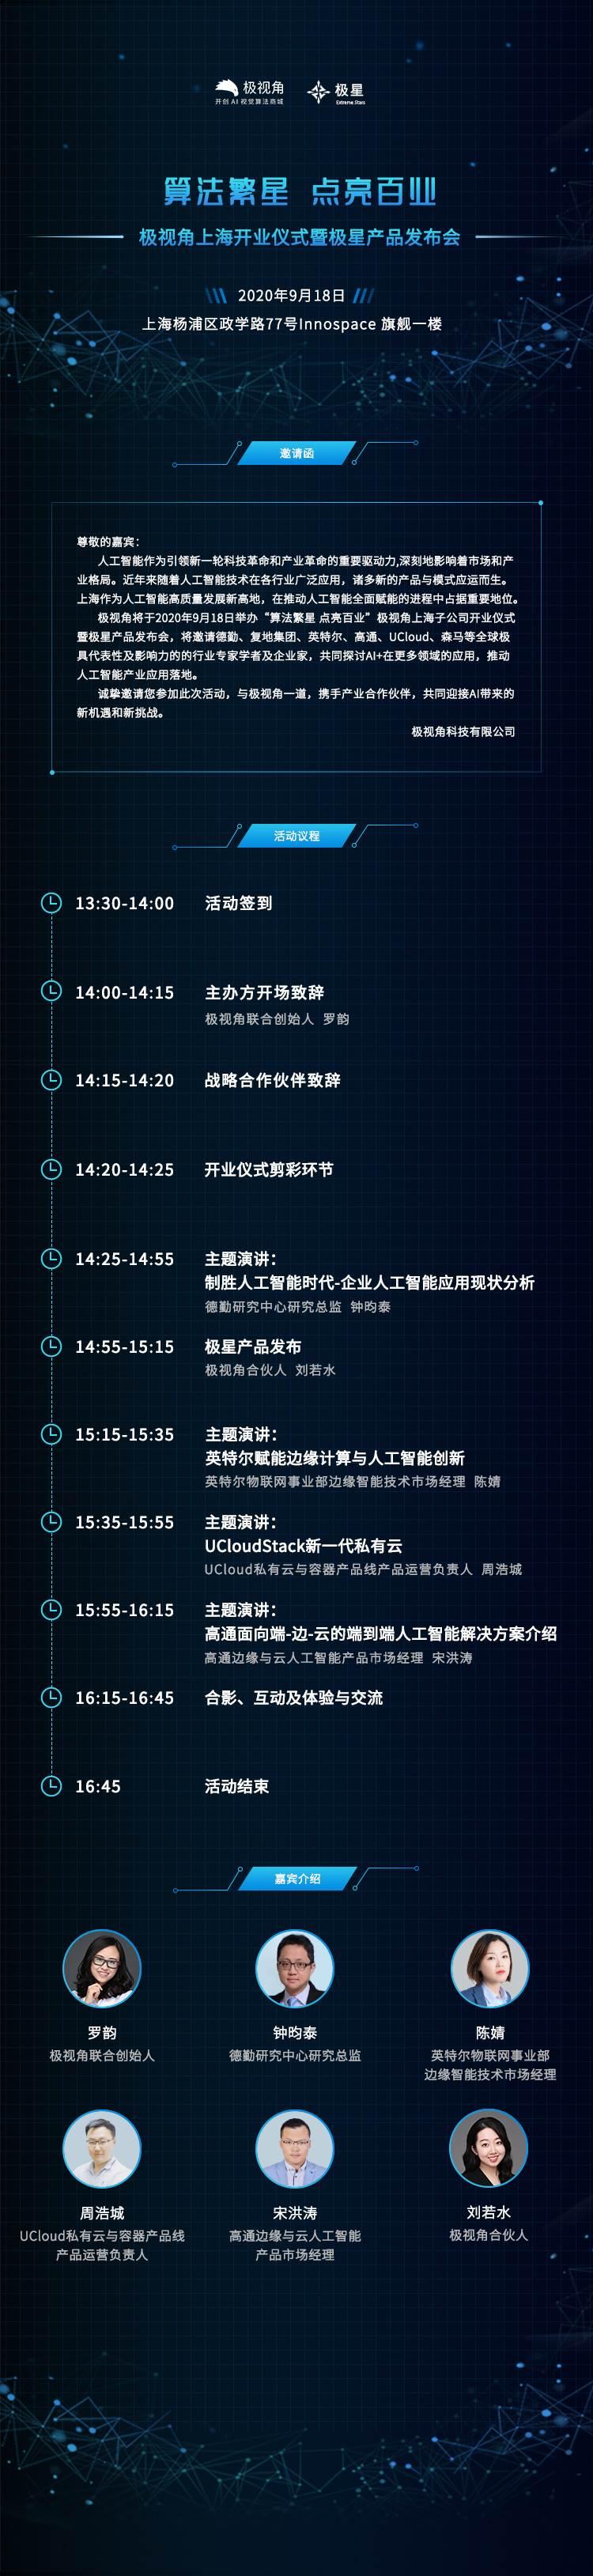 上海活动-无二维码(1).jpg